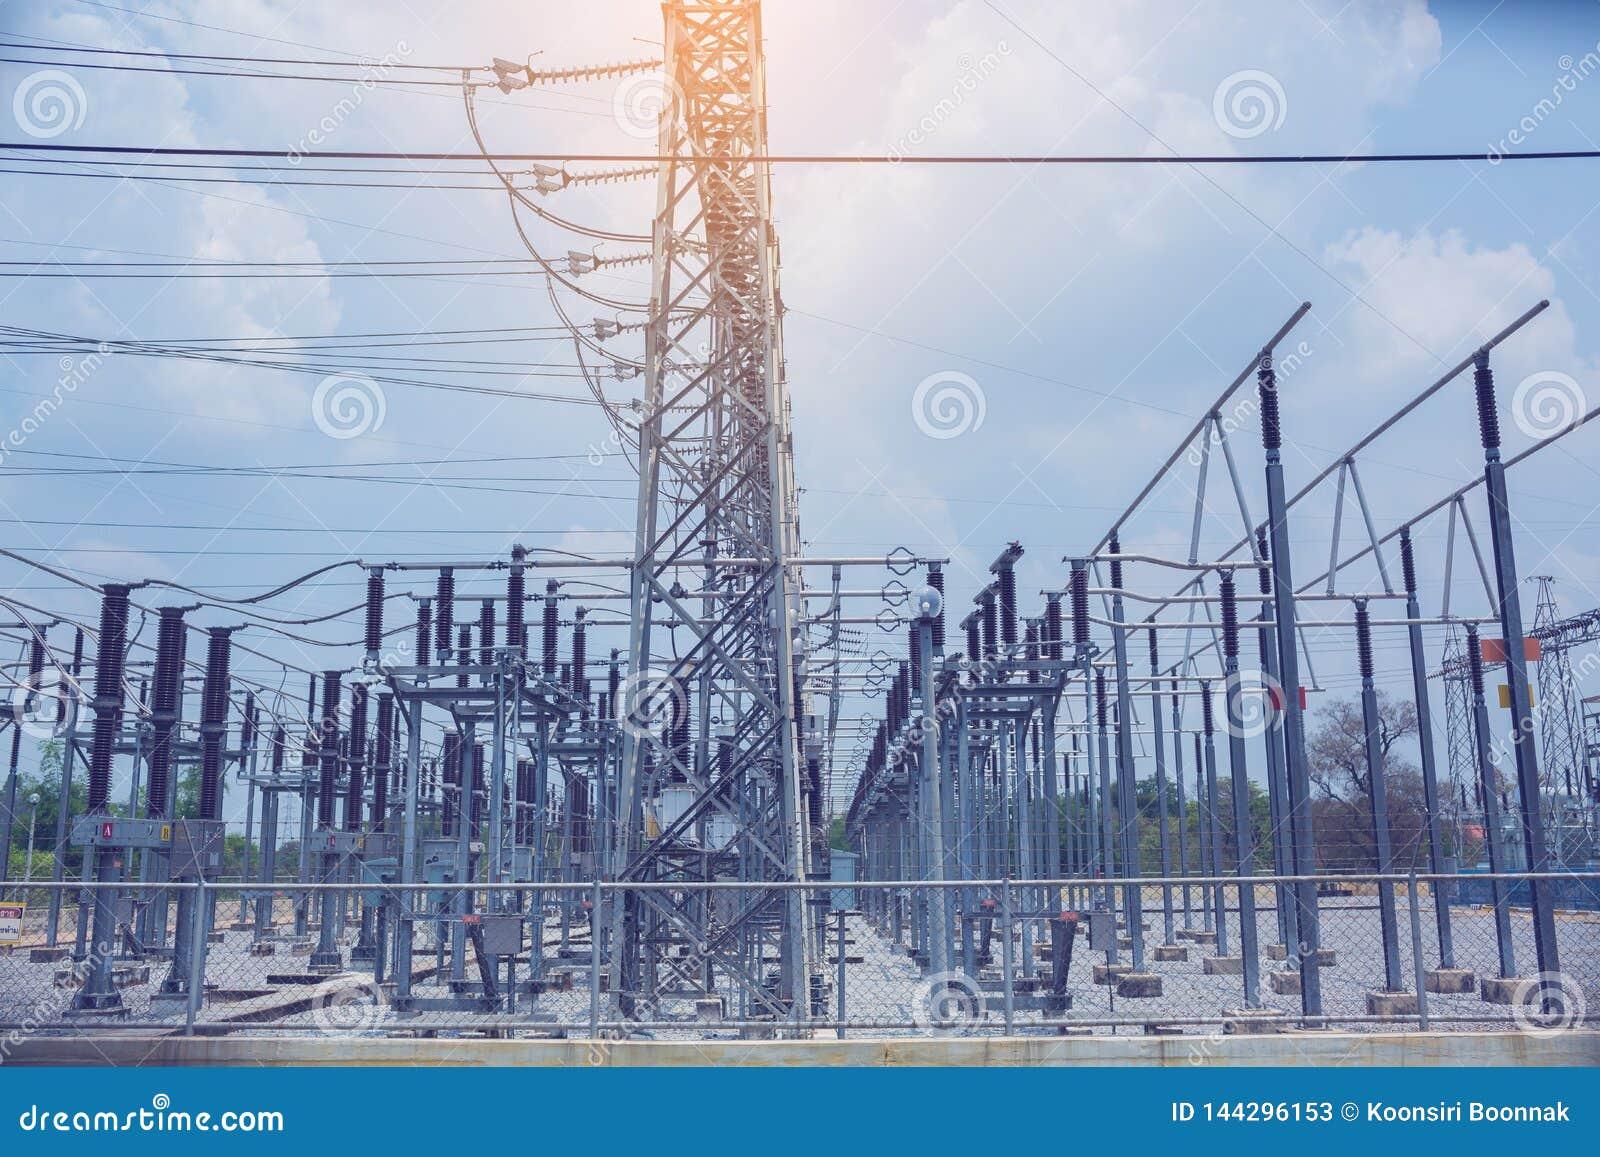 Linhas de transmissão de energia elétricas, subestação de alta tensão do transformador de poder